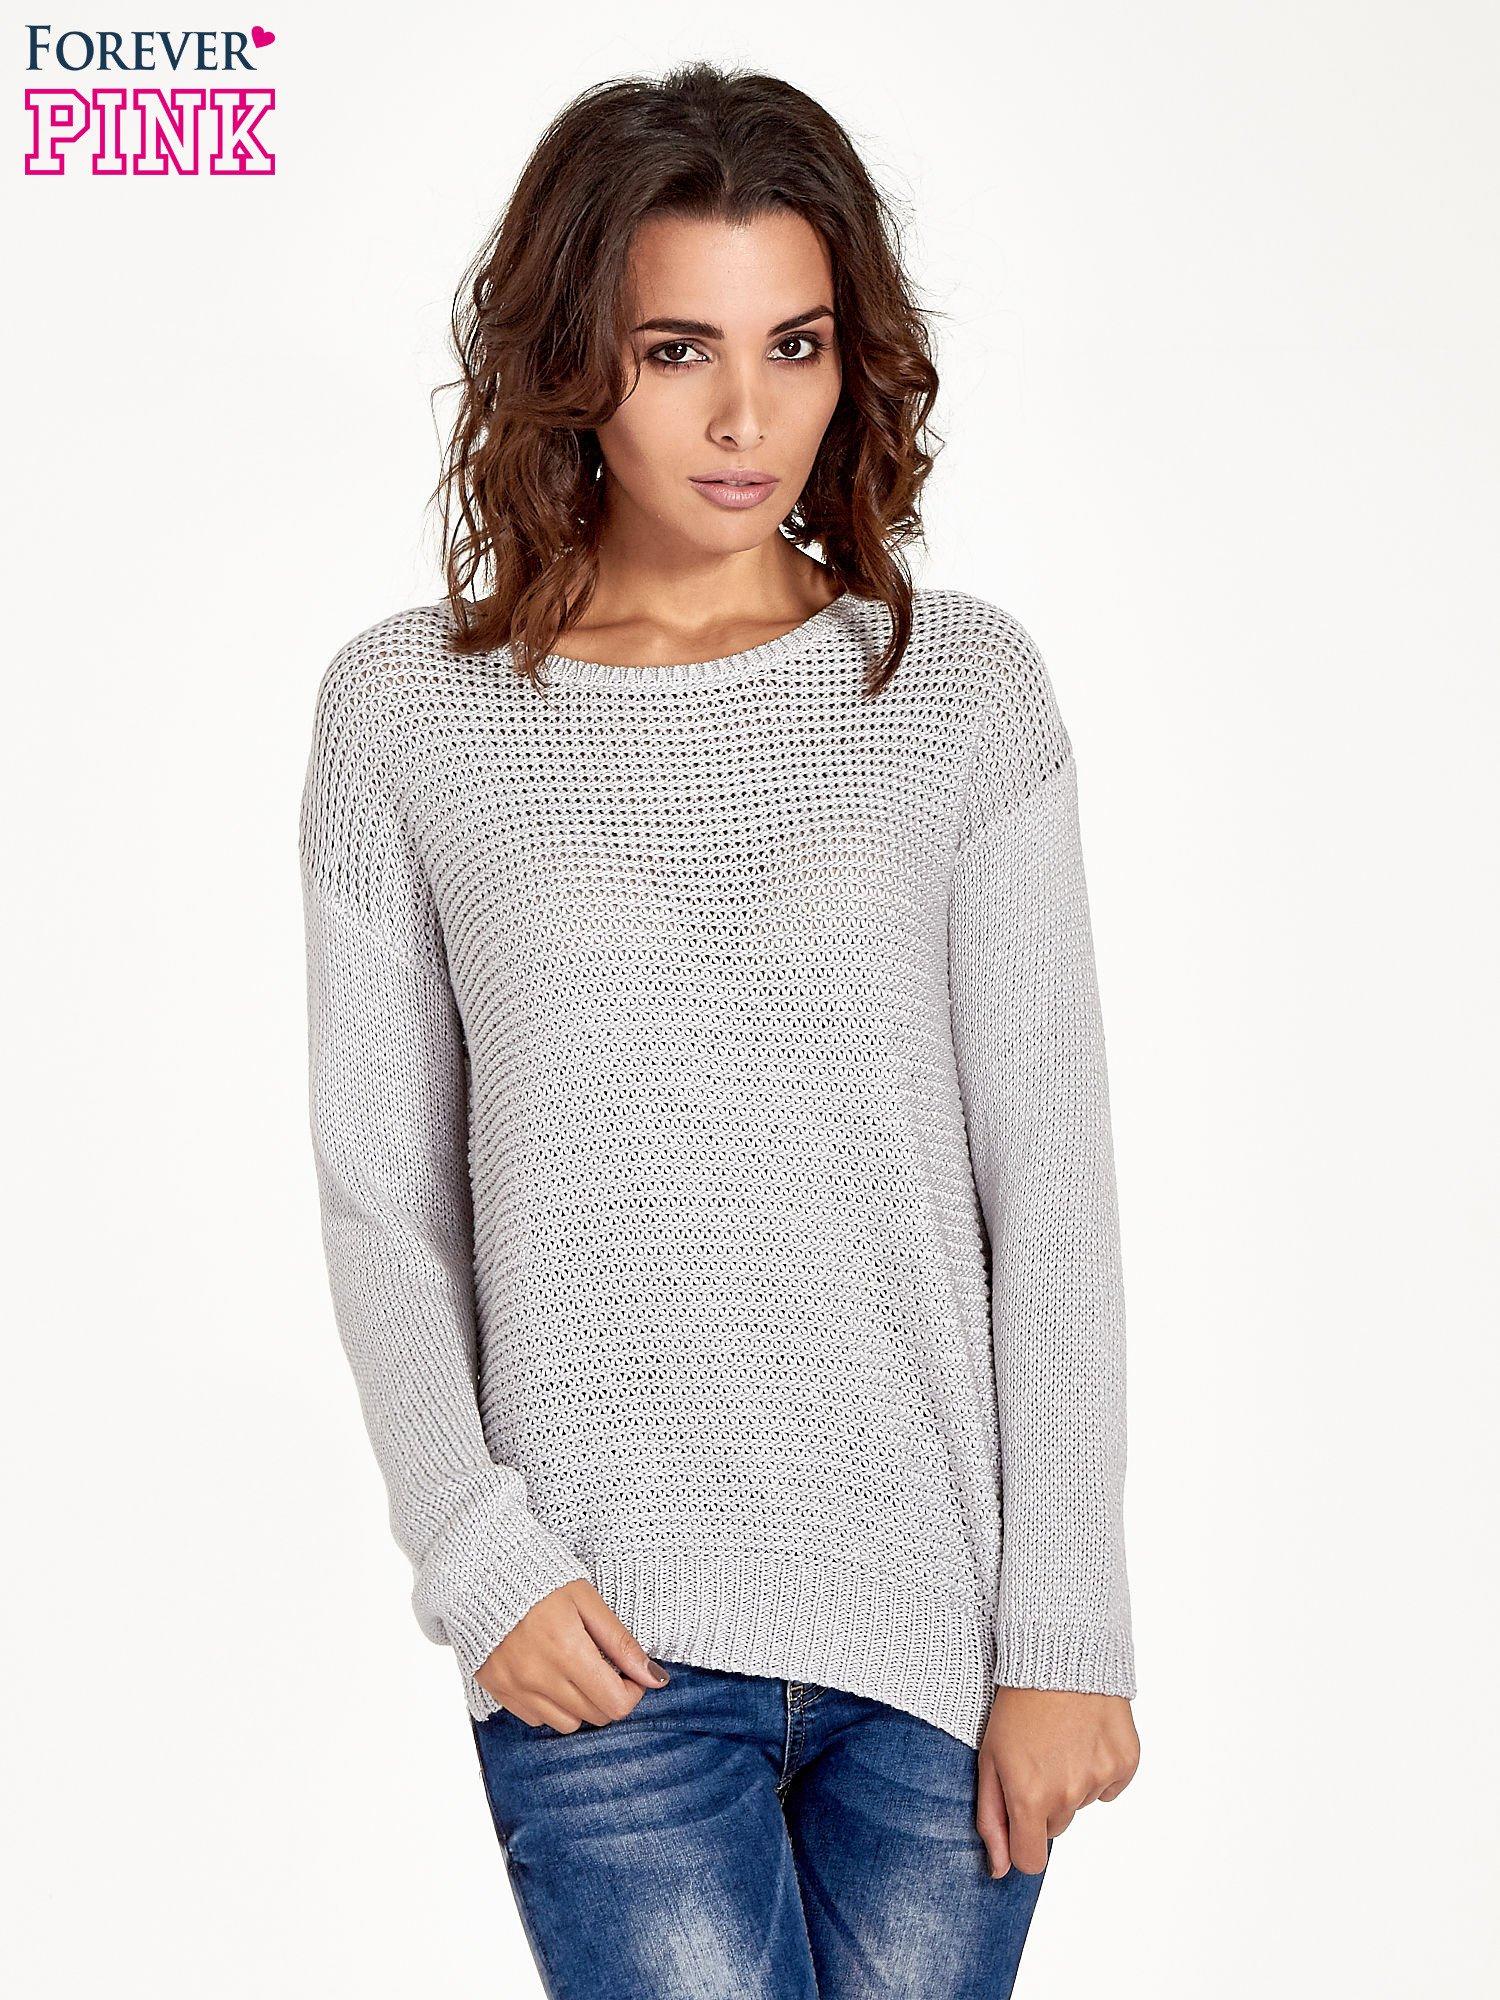 Szary sweter o większych oczkach                                  zdj.                                  1